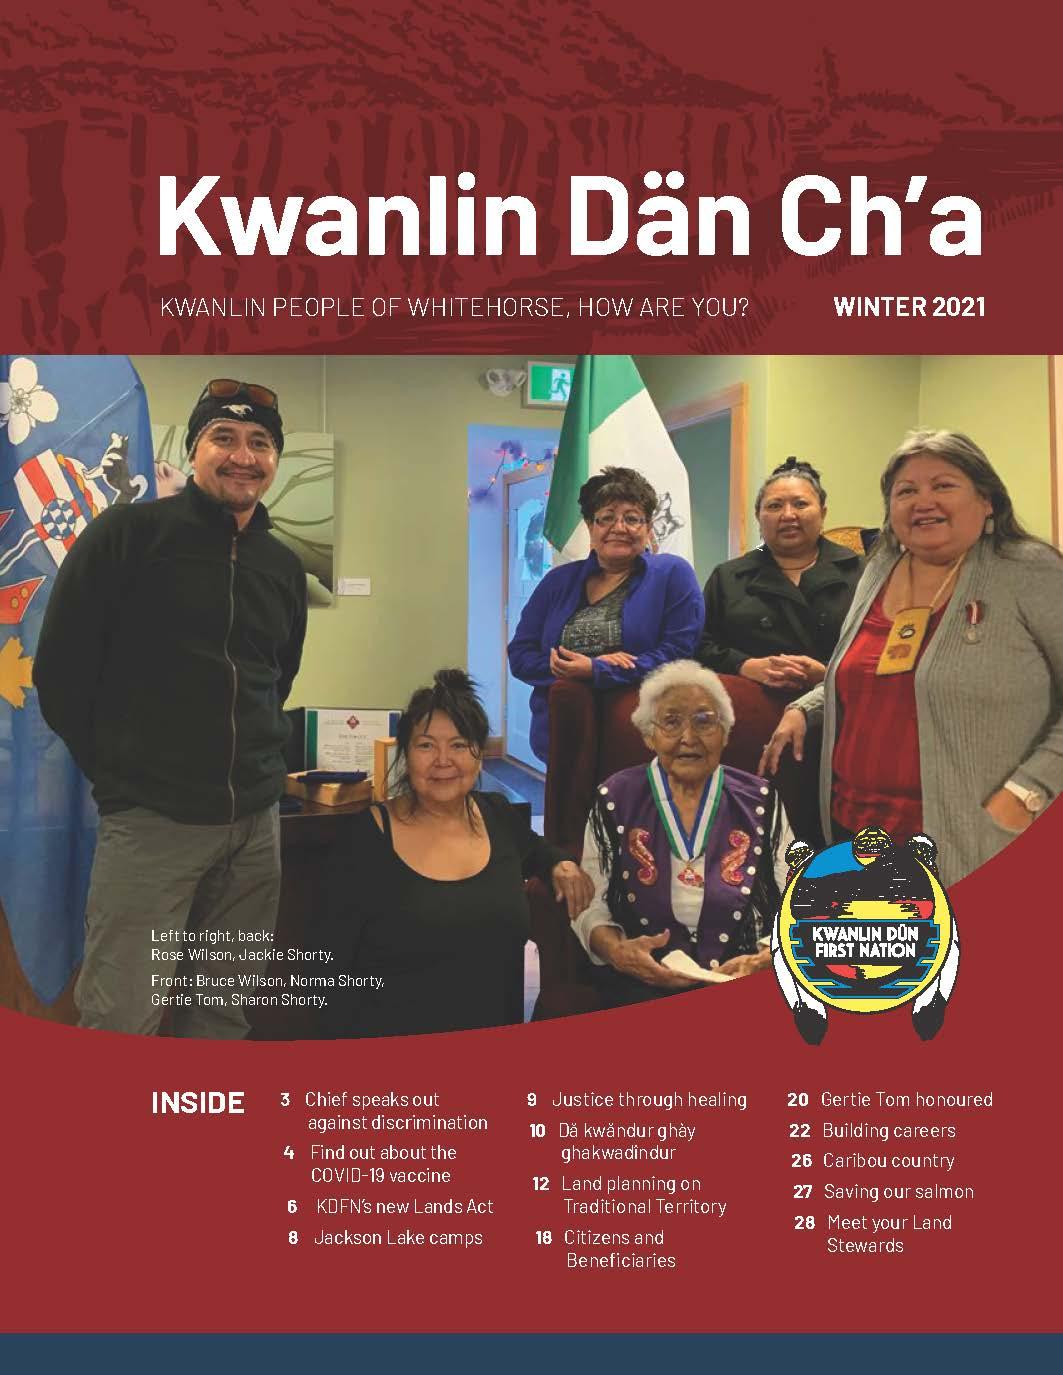 Winter 2021 – Kwanlin Dän Ch'a Newsletter